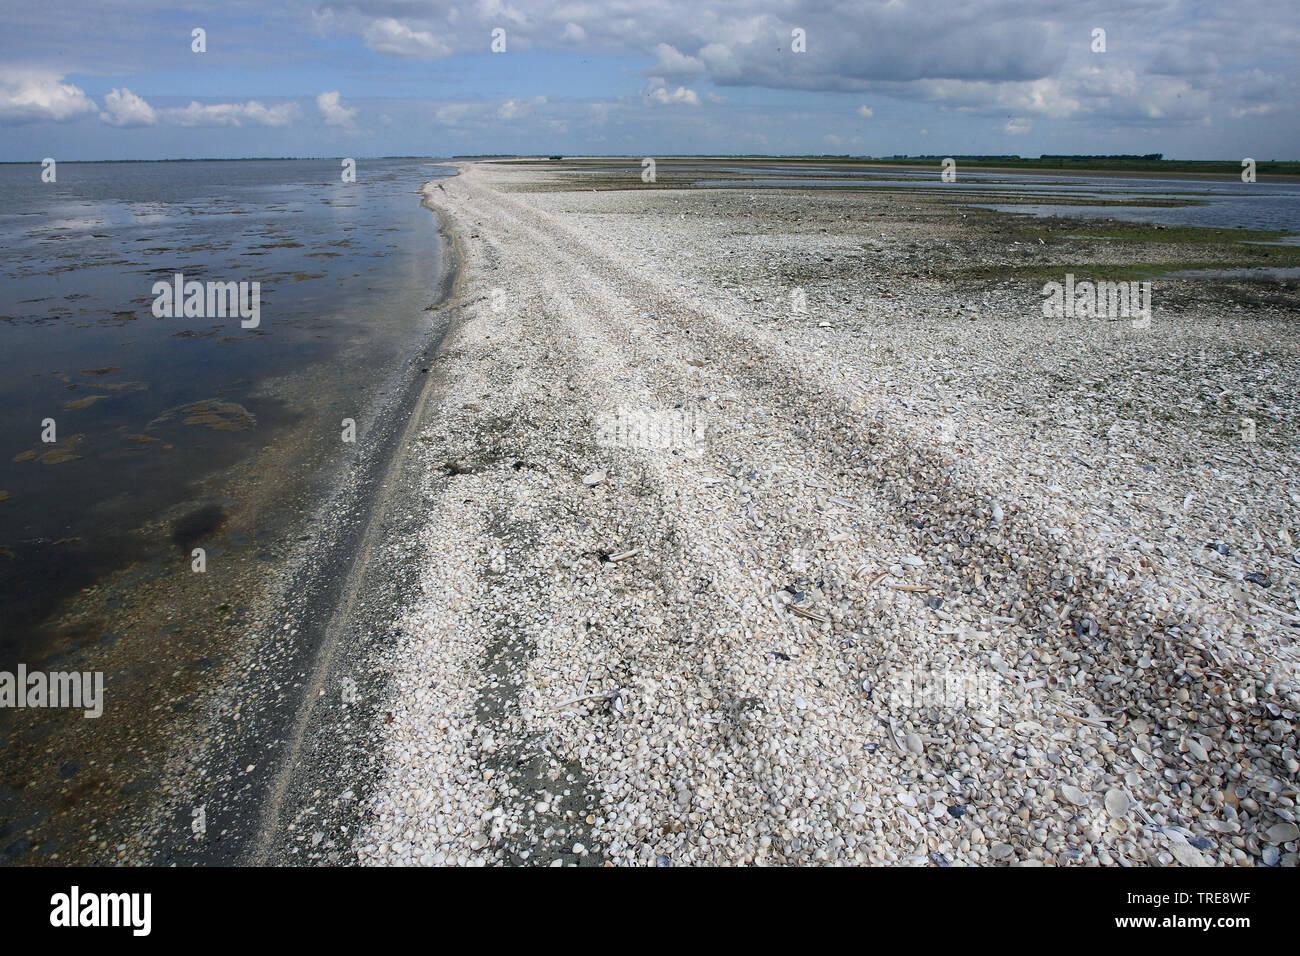 Nordseekueste, Niederlande, Goeree-Overflakkee | North Sea coast, Netherlands, Goeree-Overflakkee | BLWS520231.jpg [ (c) blickwinkel/AGAMI/J. van der - Stock Image